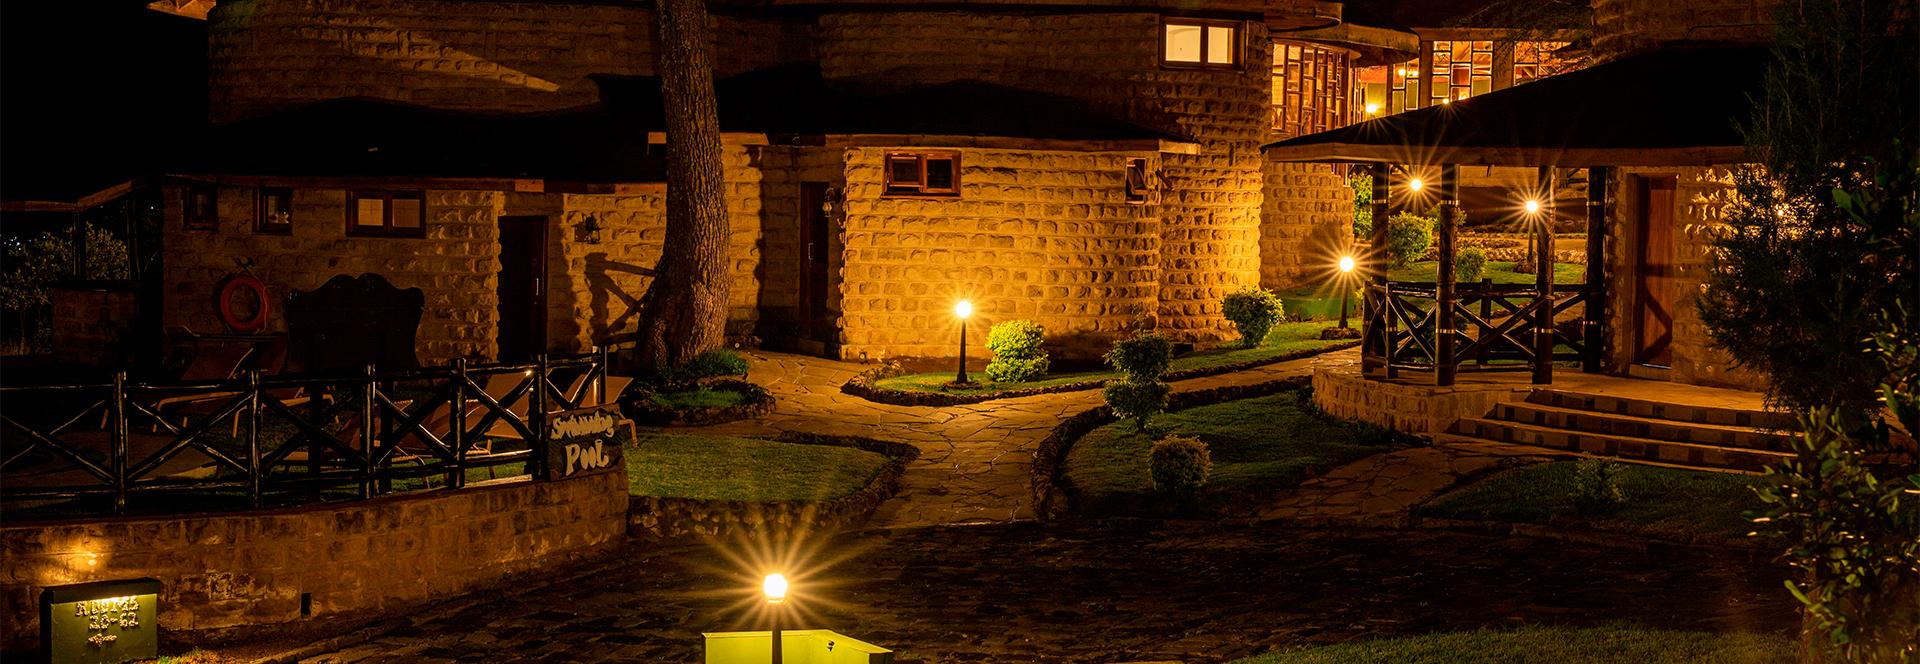 Landscape bronce OU9012C00K